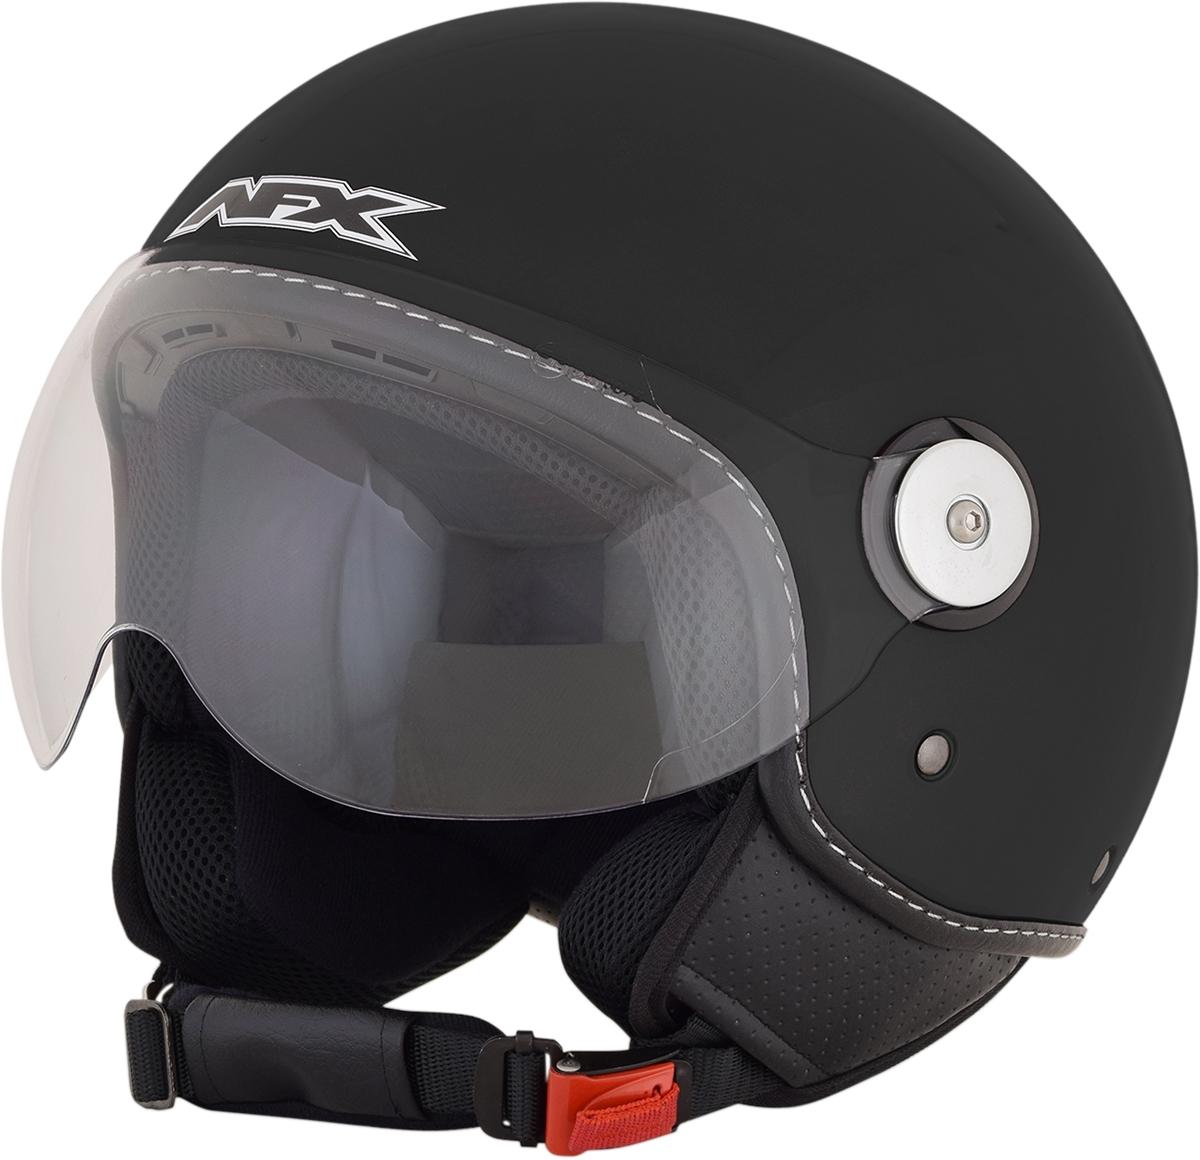 AFX FX-33 Solid Color Scooter Helmet